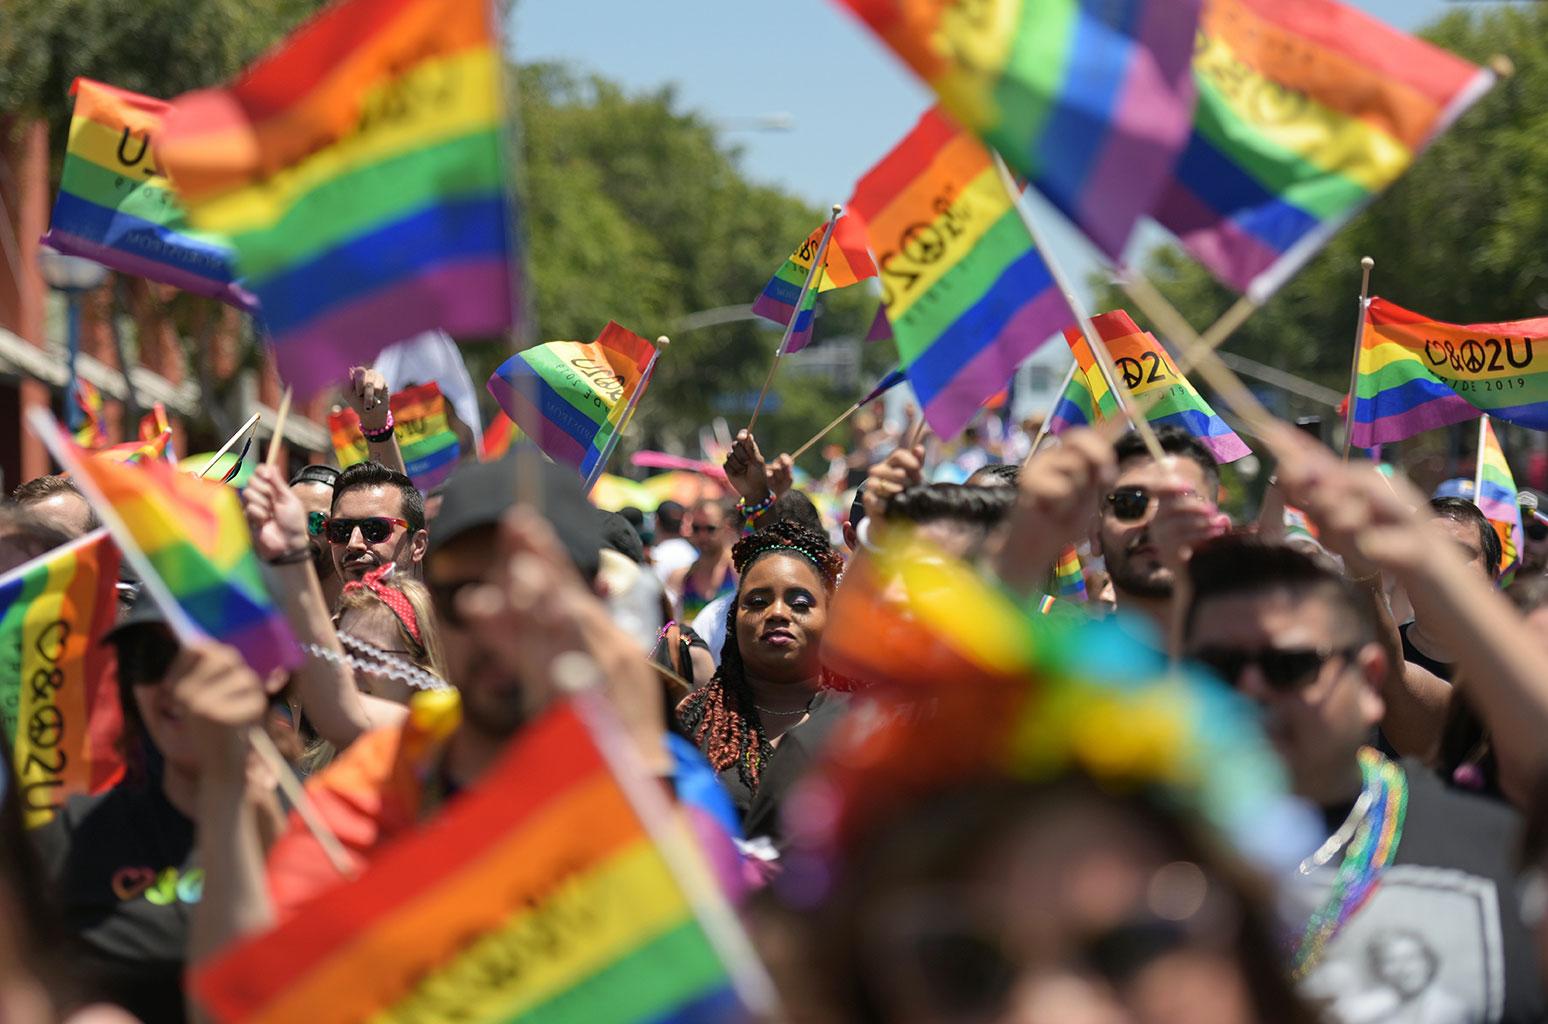 Amid Coronavirus Concerns, Will LGBTQ Pride Fests Still Happen In 2020?